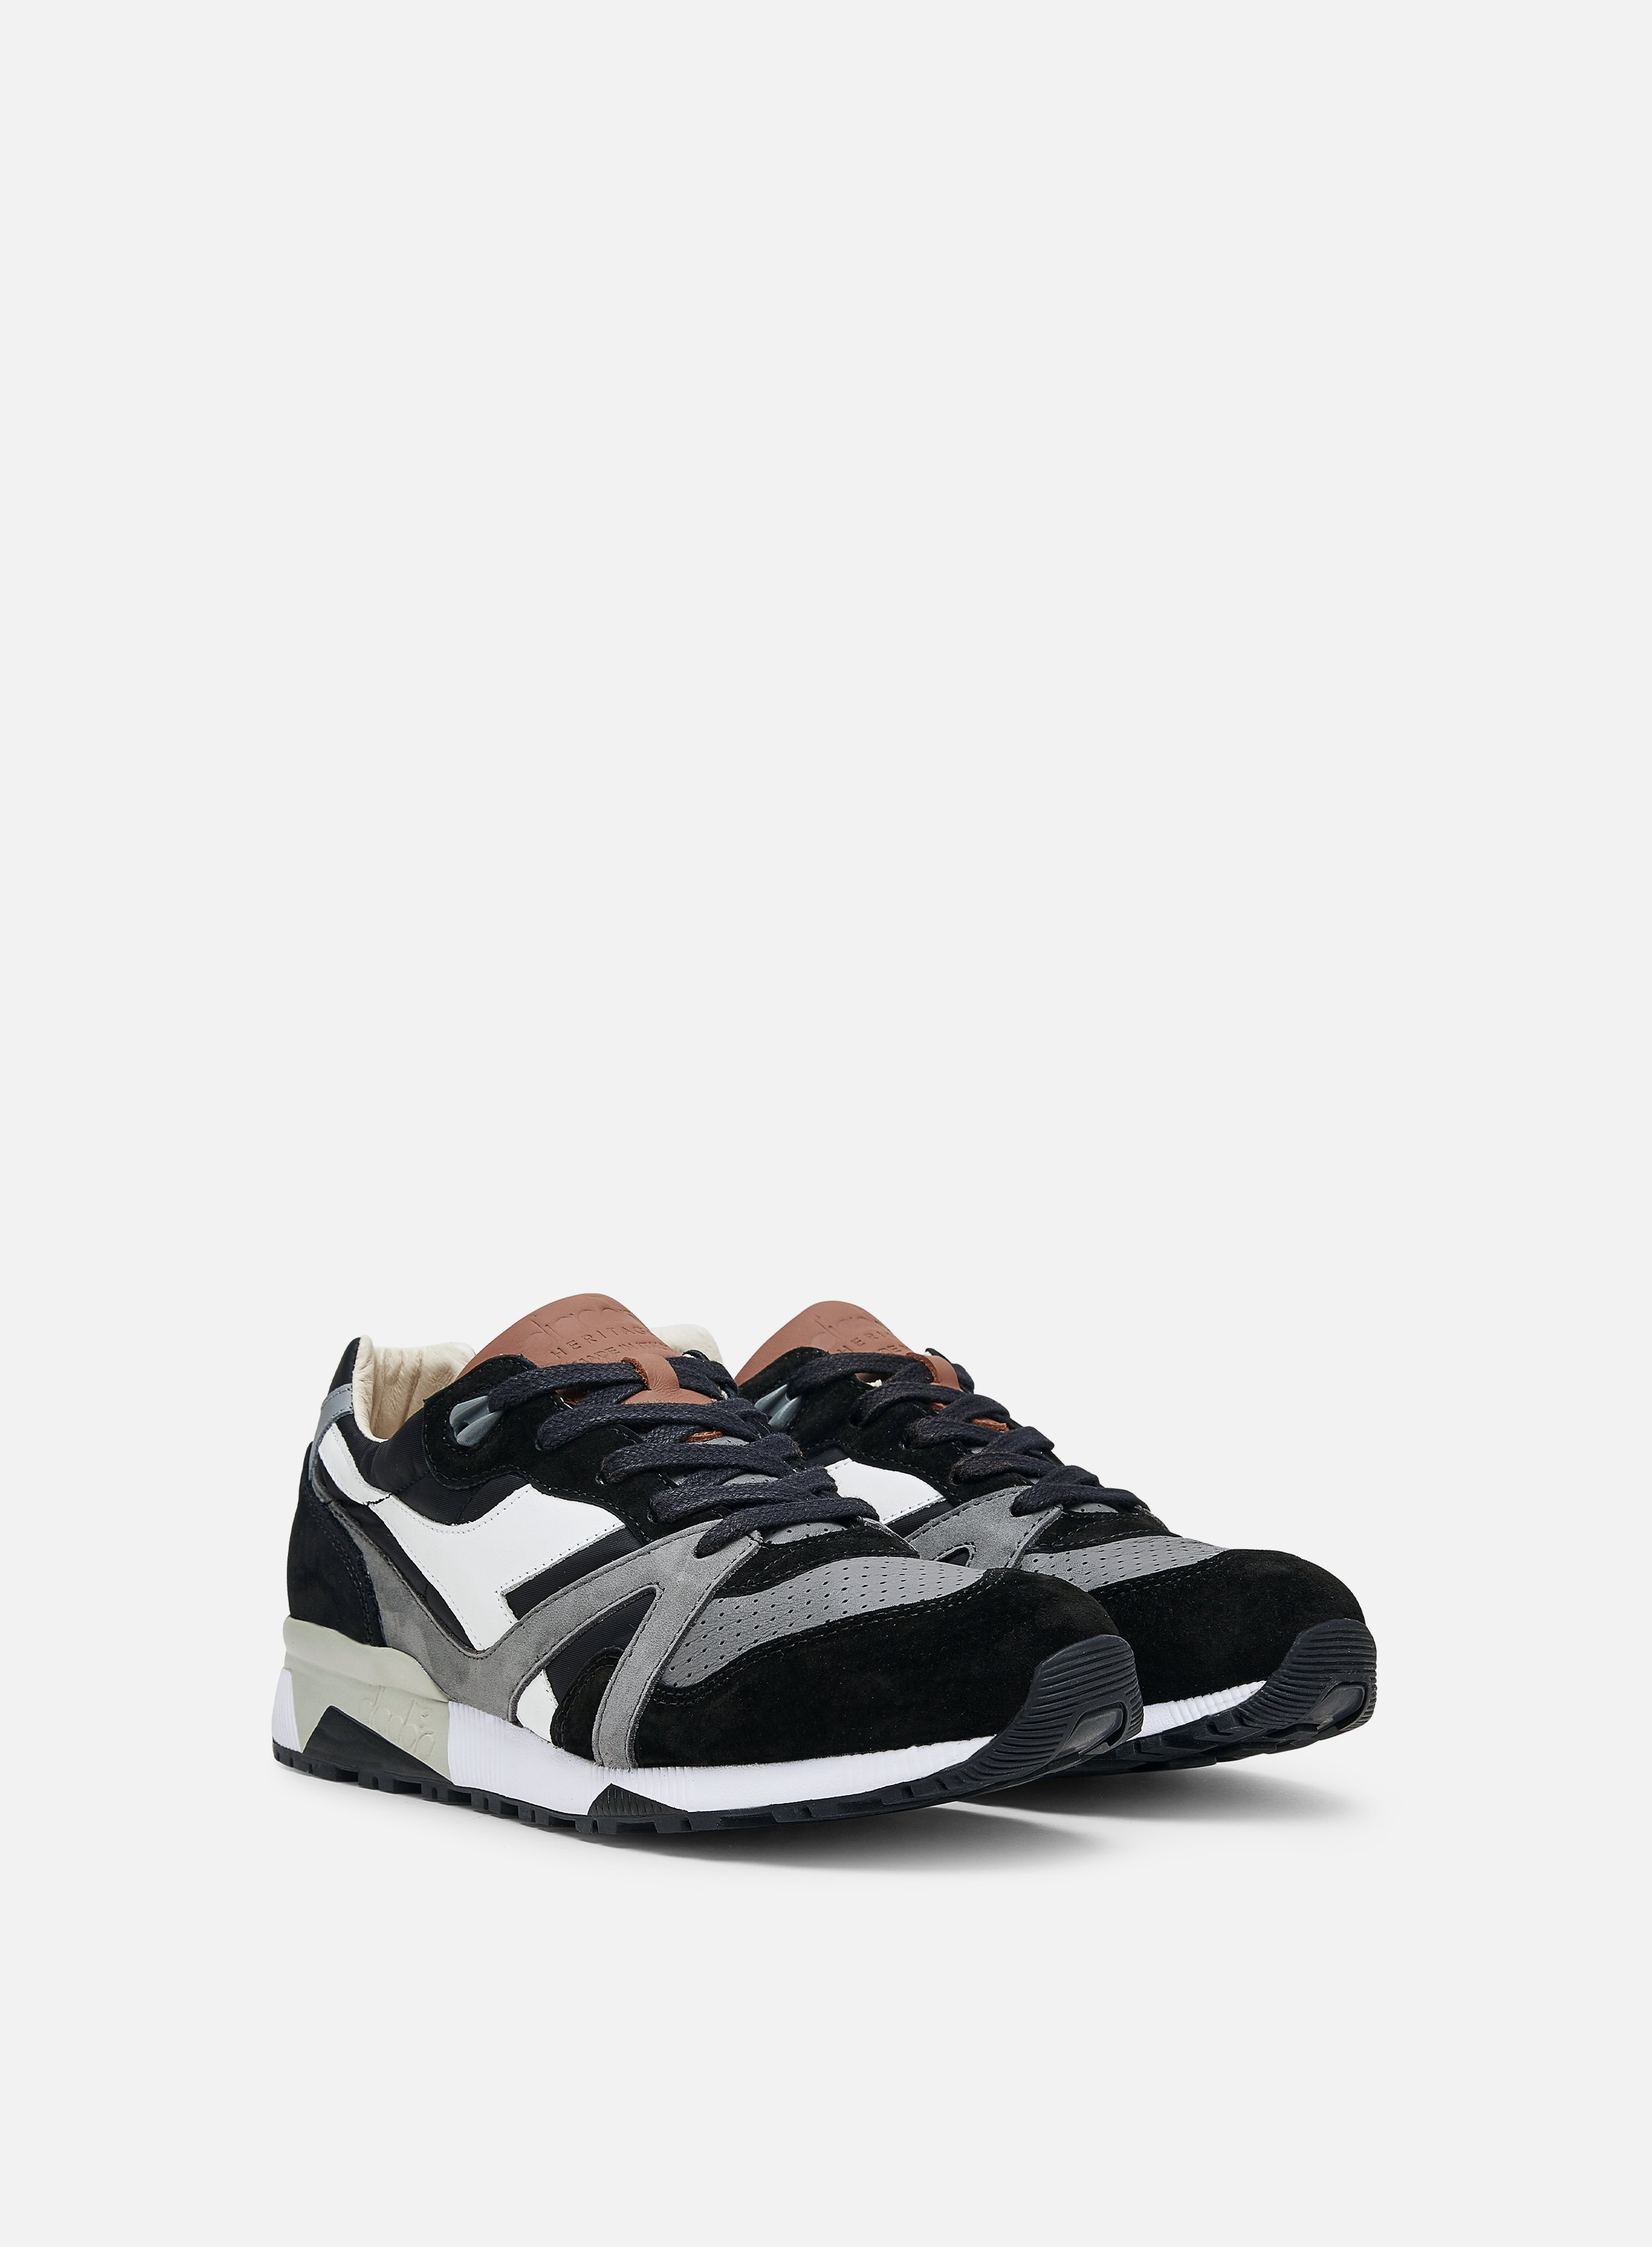 Diadora N9000 H Ita Mens  Sneakers Shoes Casual Black